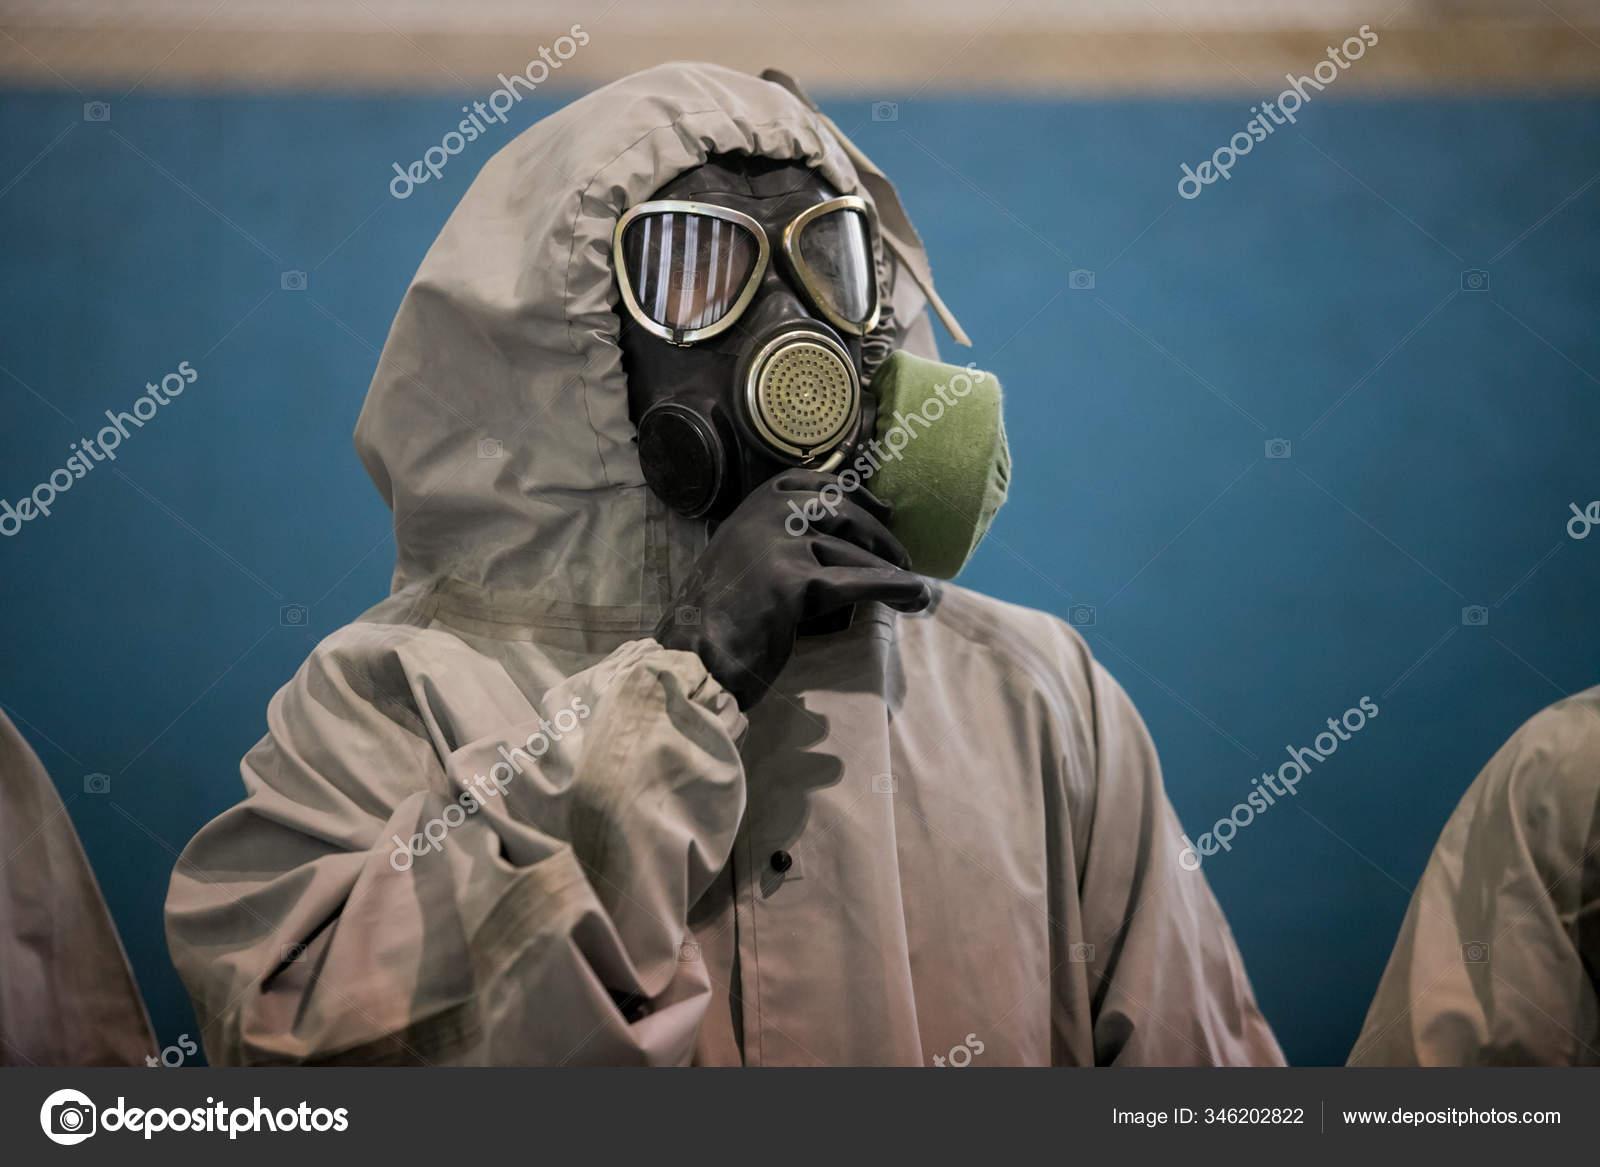 Человек Защитной Маске Защитной Одежде Коронавирусной ...